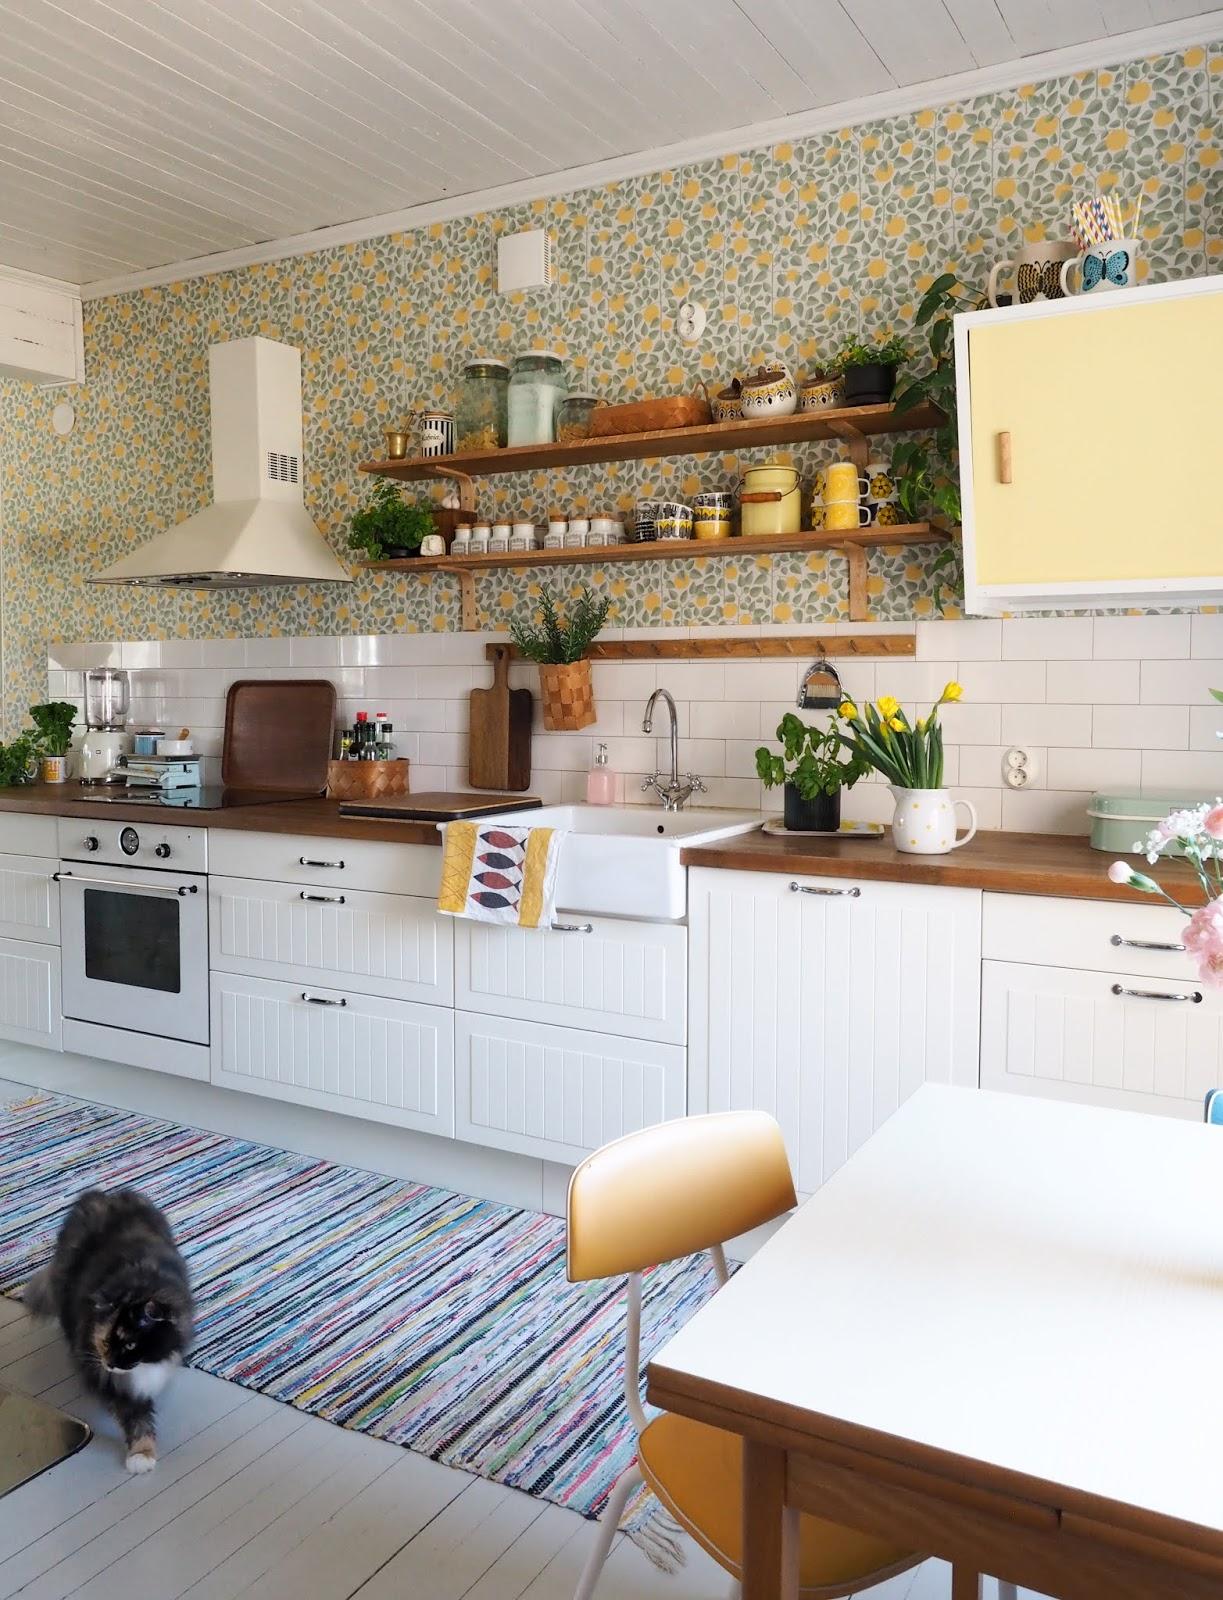 keittiön uudistaminen pienellä rahalla